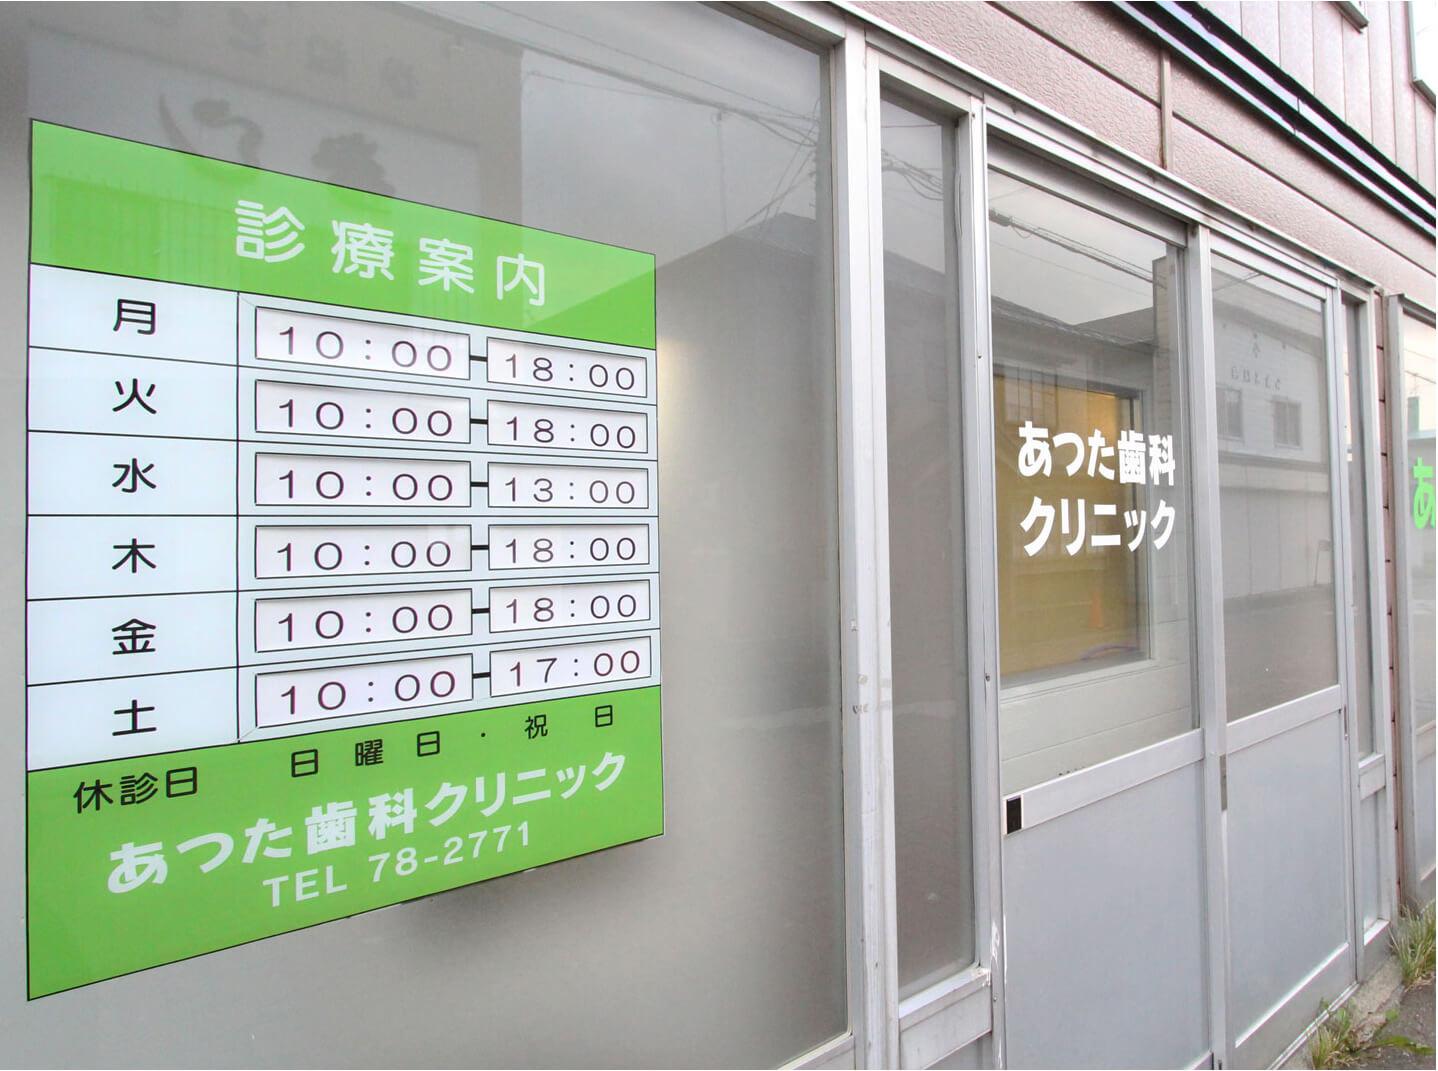 http://atsuta-dentalclinic.com/images/index_04.jpg